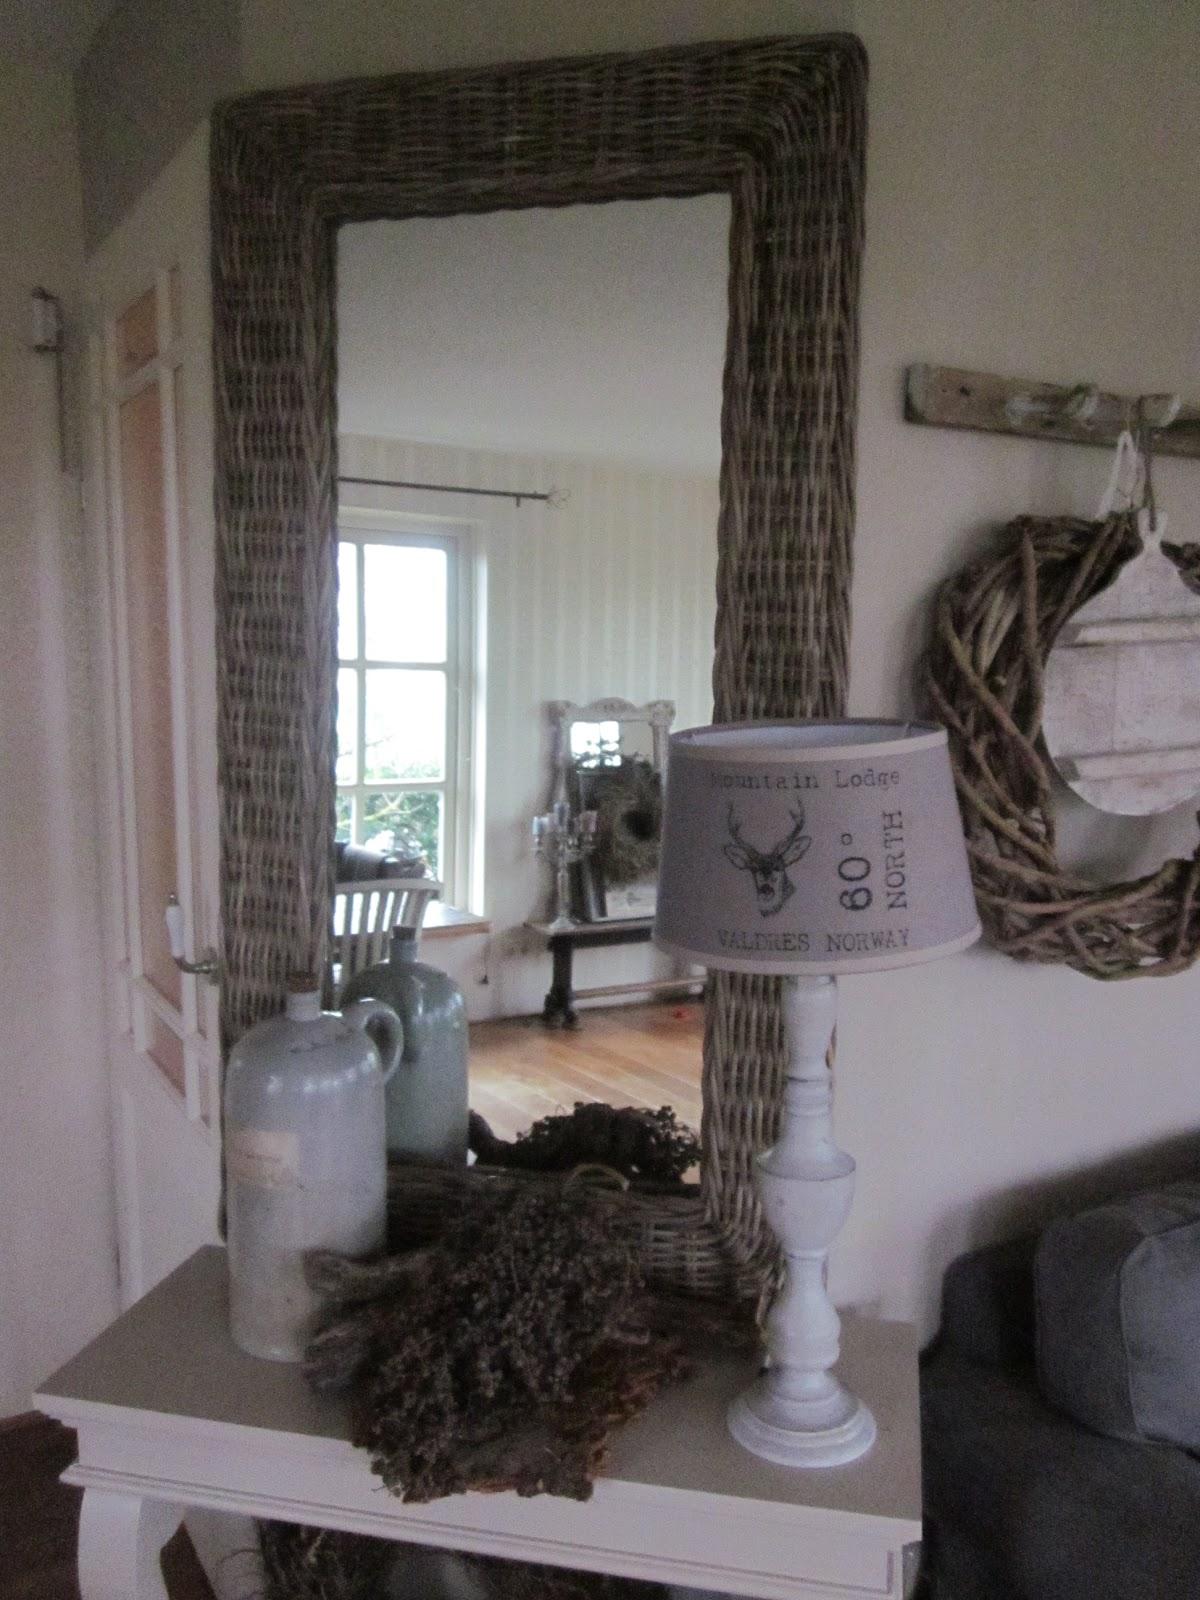 Sfeer in landelijke stijl 12 22 12 - Kleine woonkamer decoratie ...